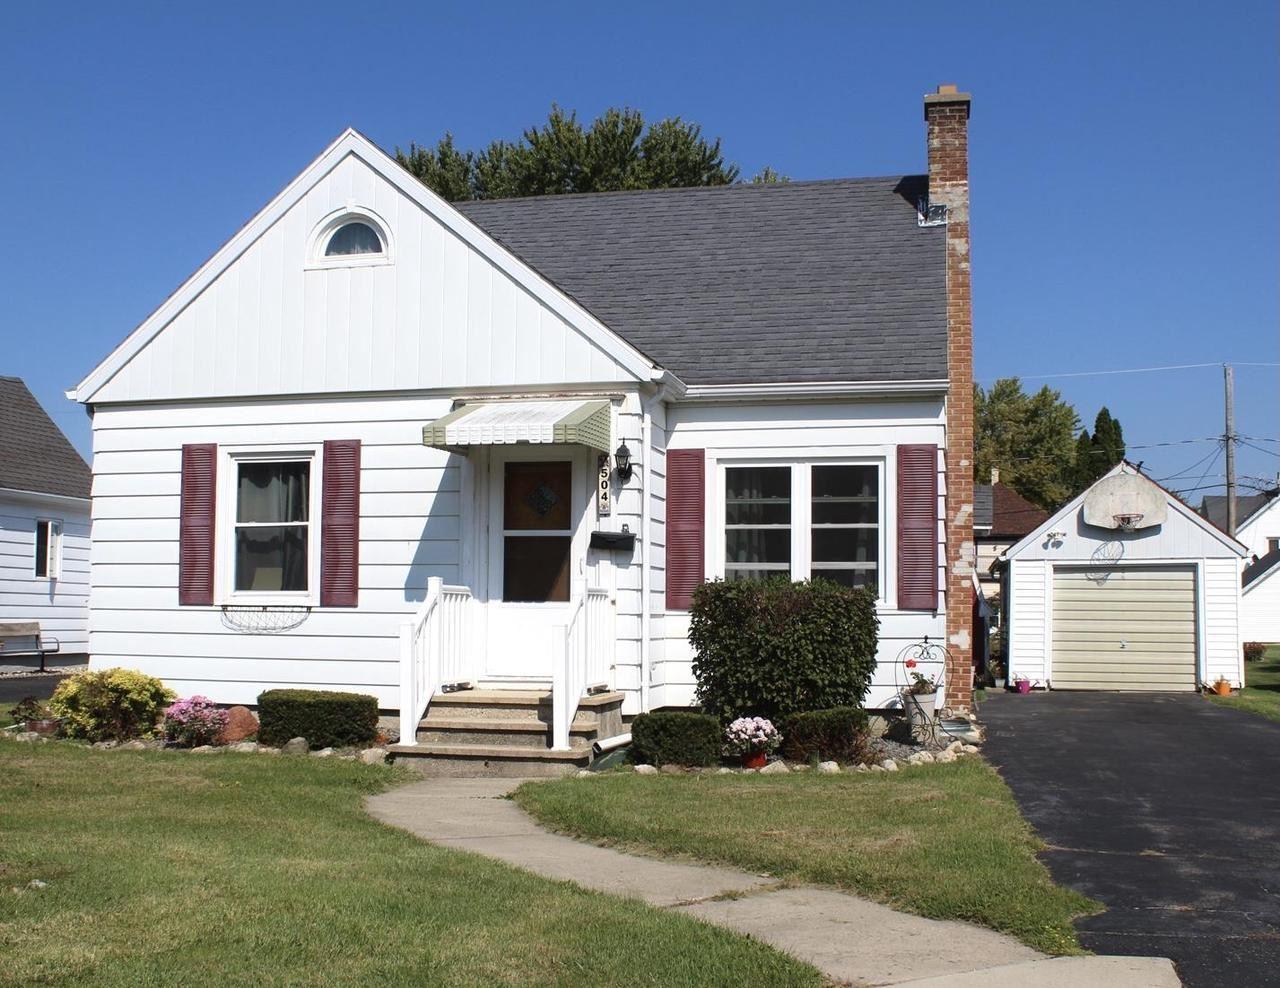 504 W Jefferson St, Waupun, WI 53963 - MLS#: 1920108